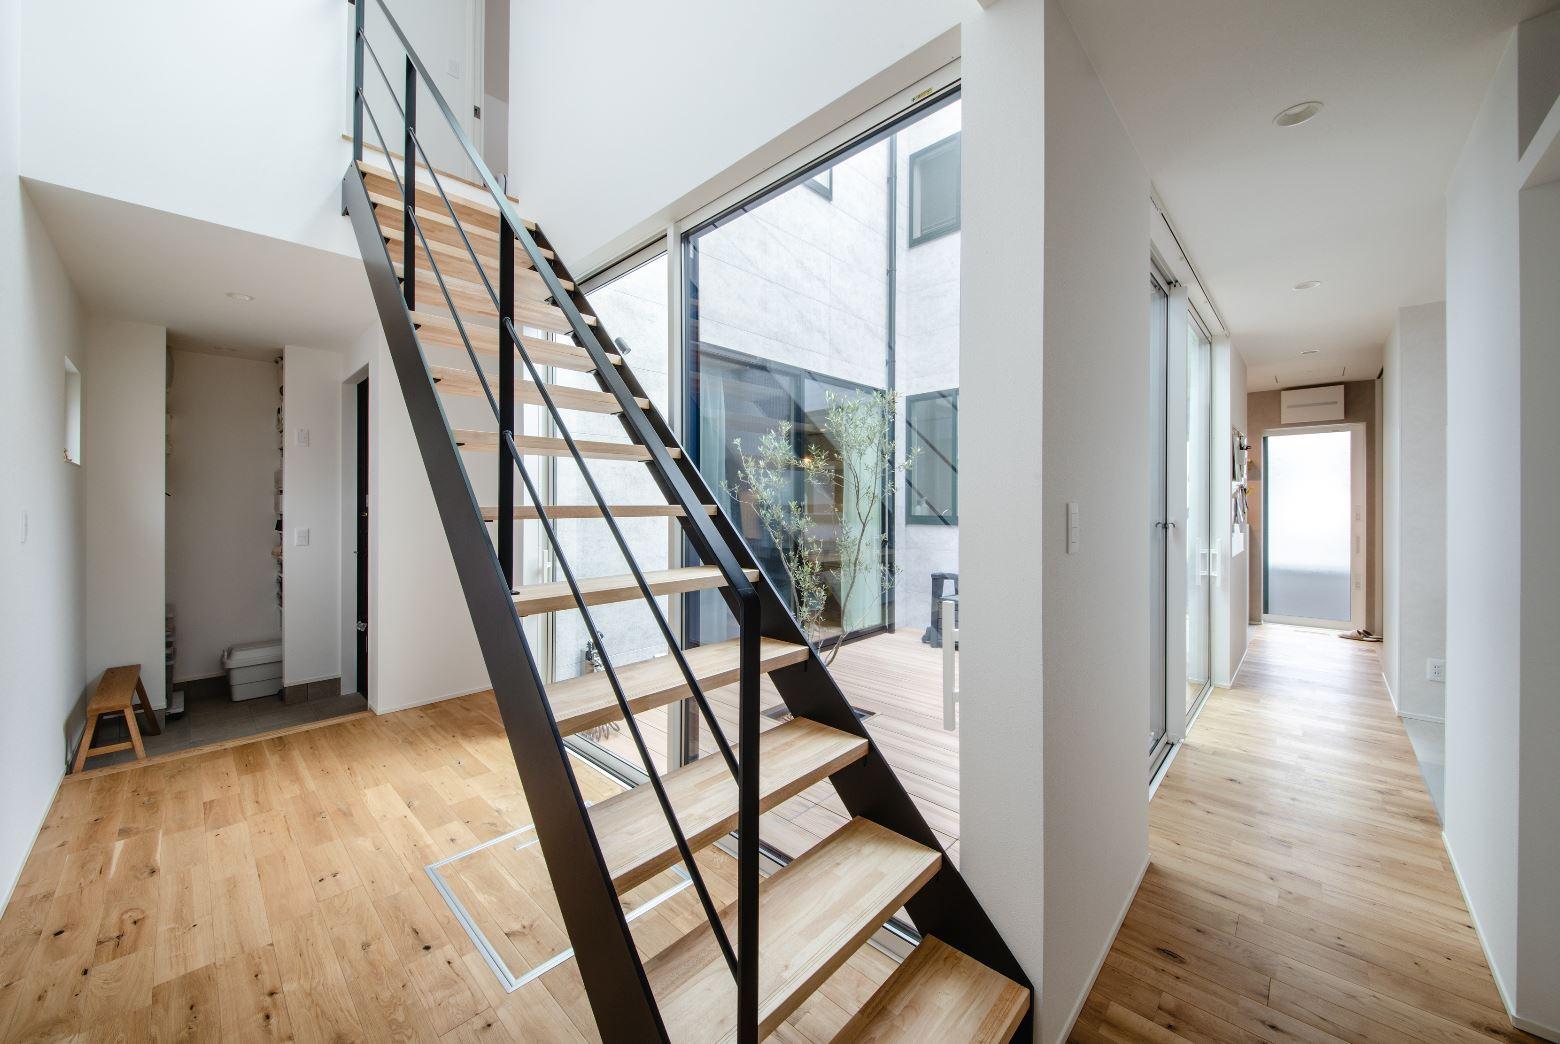 S.CONNECT(エスコネクト)【デザイン住宅、間取り、建築家】家の中心に中庭を設けることで、どこにいても家族の気配をほどよく感じることができる